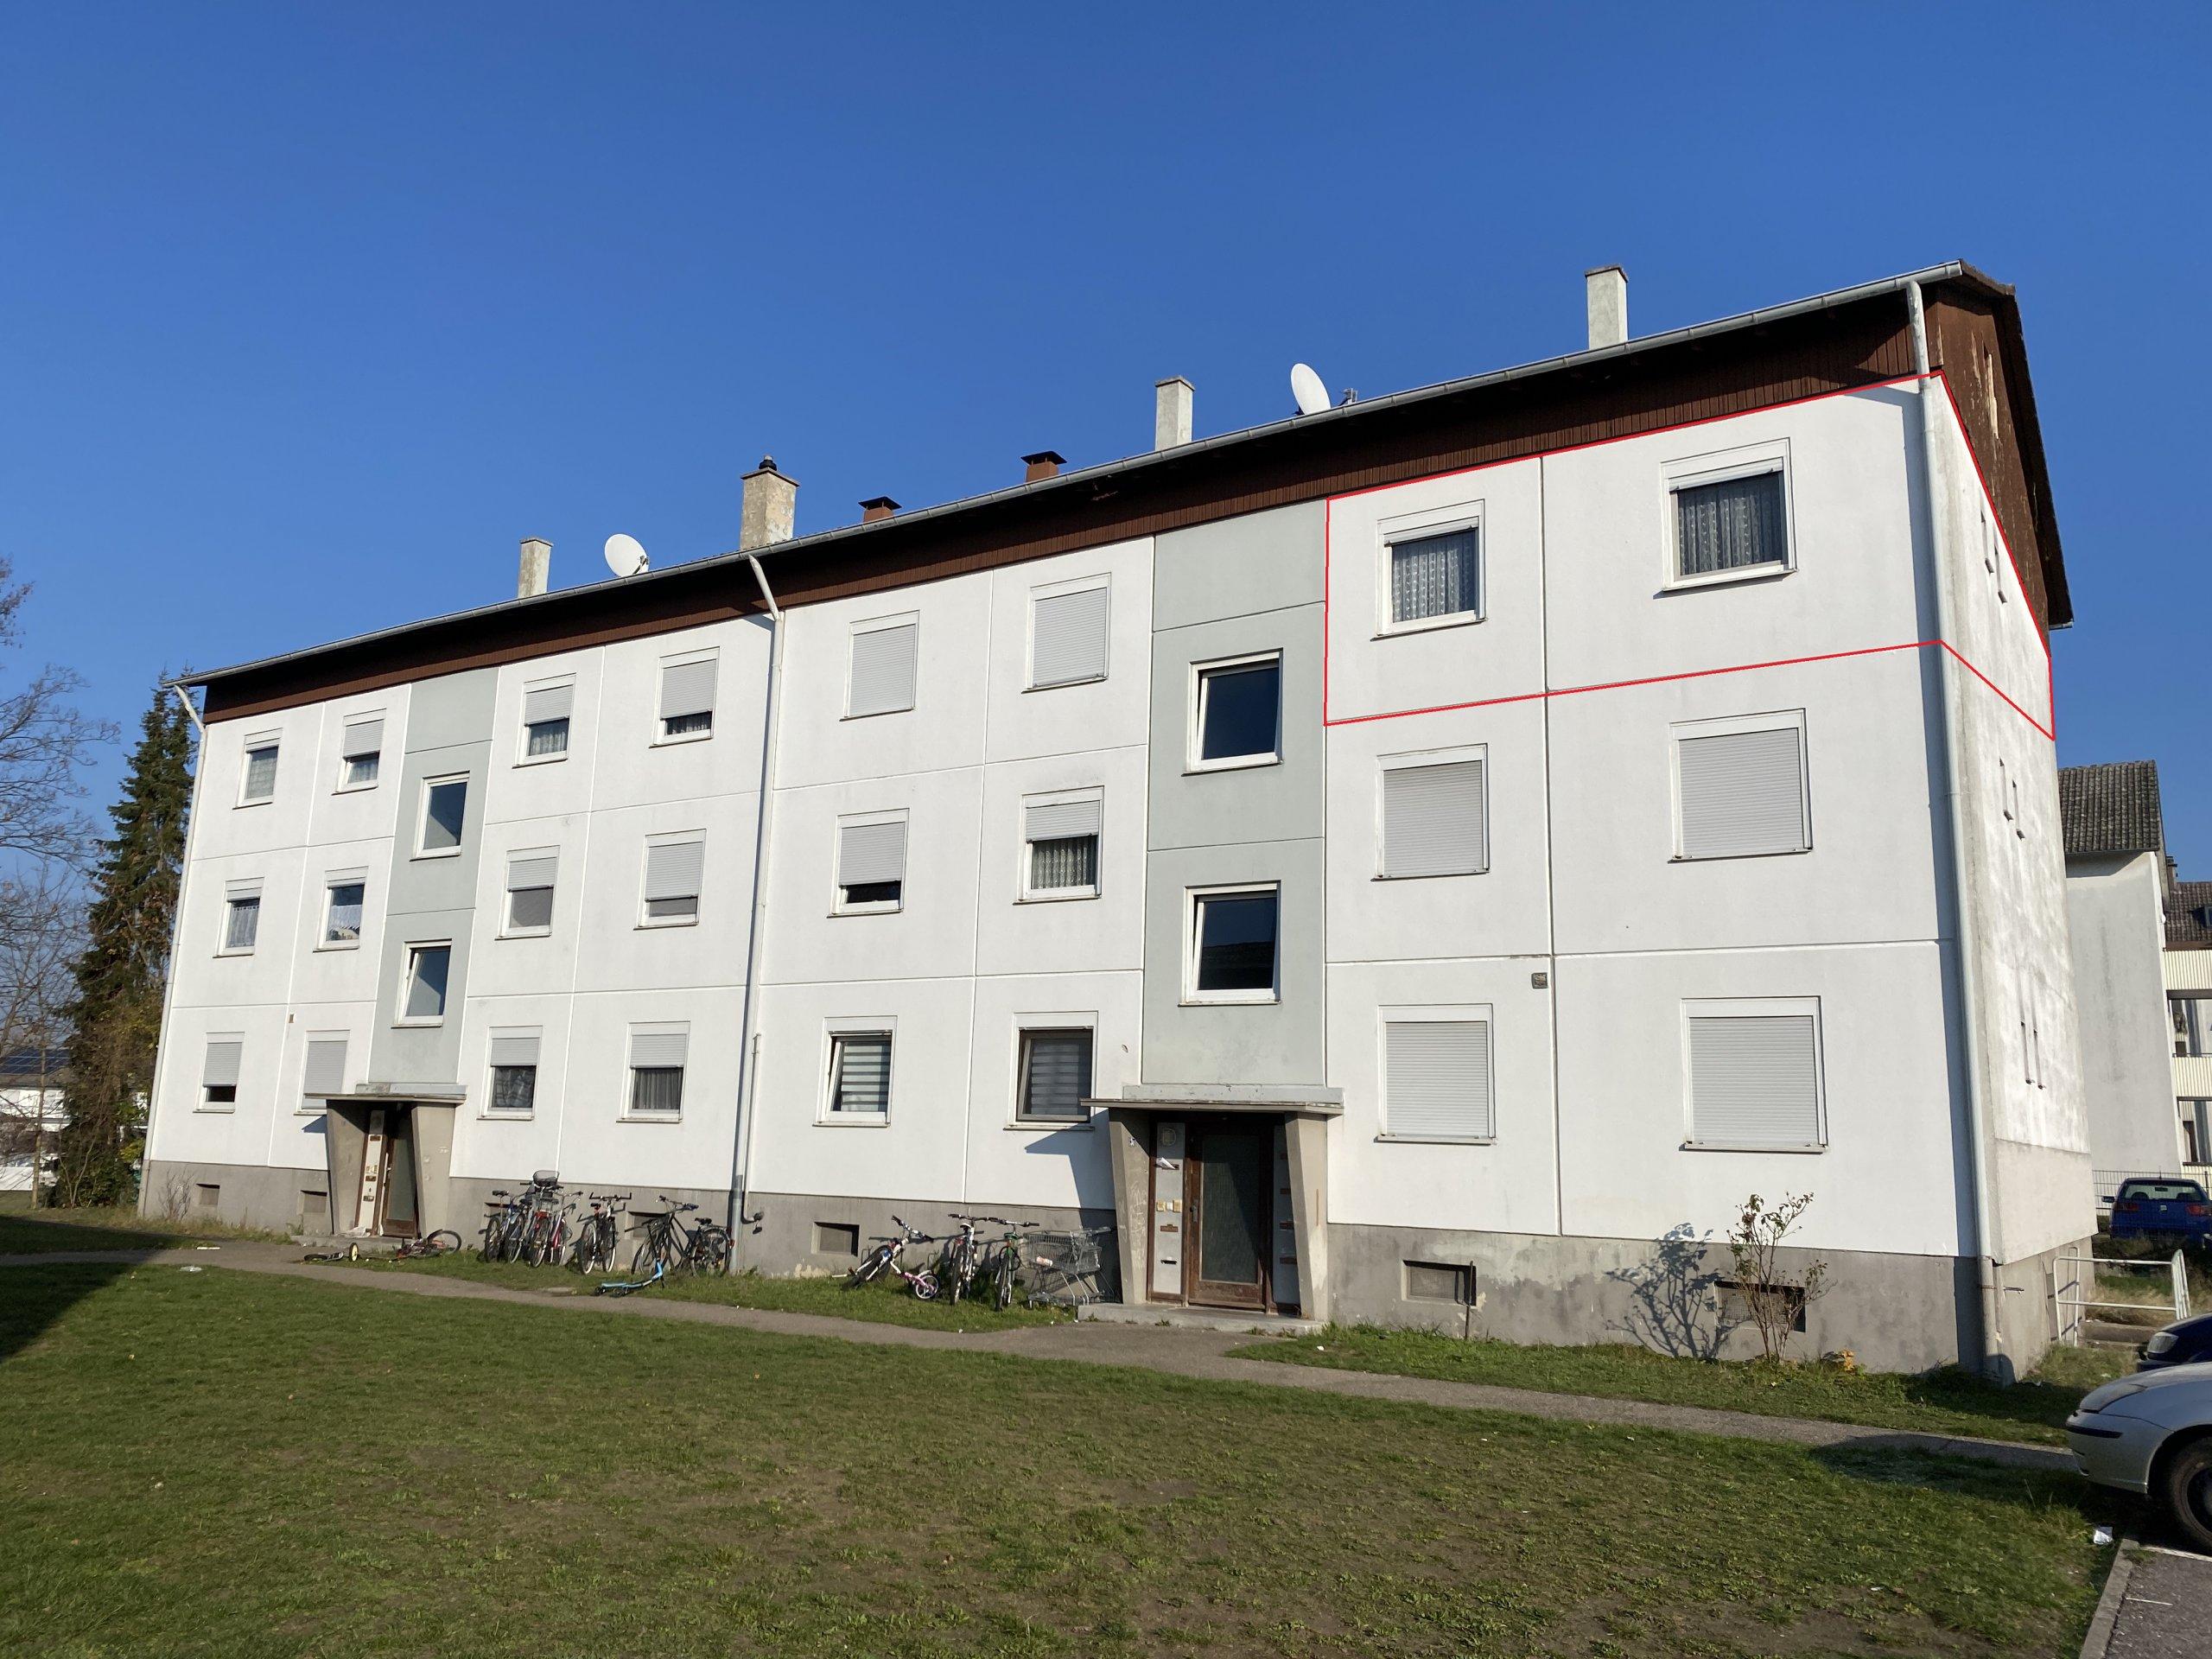 BEZUGSFREI – Helle 3-Zimmer Wohnung mit Balkon KÄUFERPROVISIONSFREI